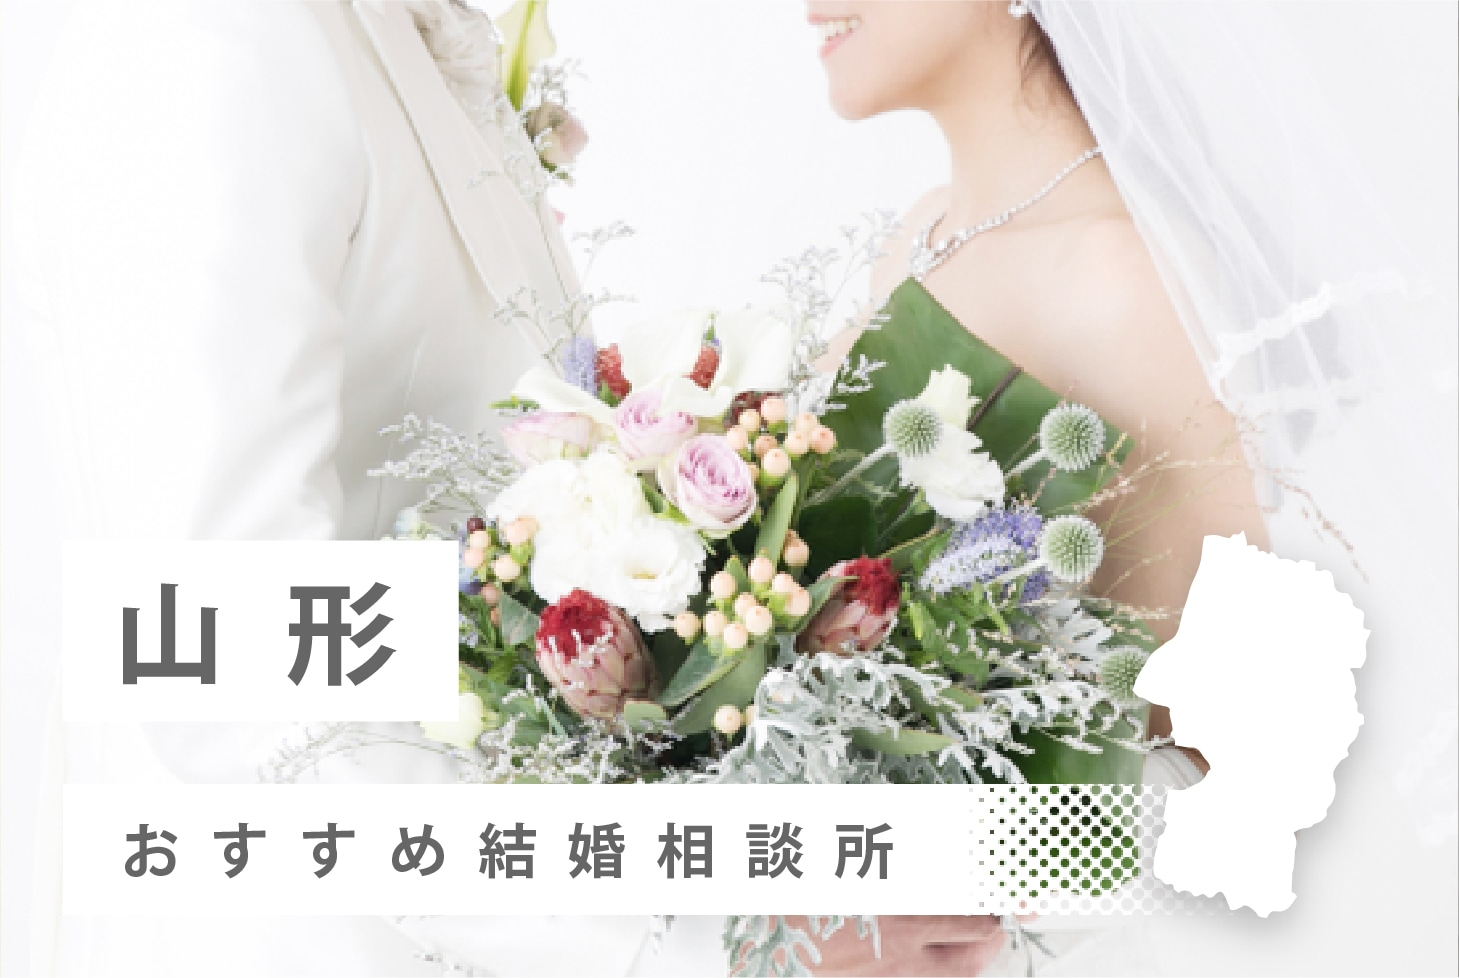 山形県でおすすめな結婚相談所